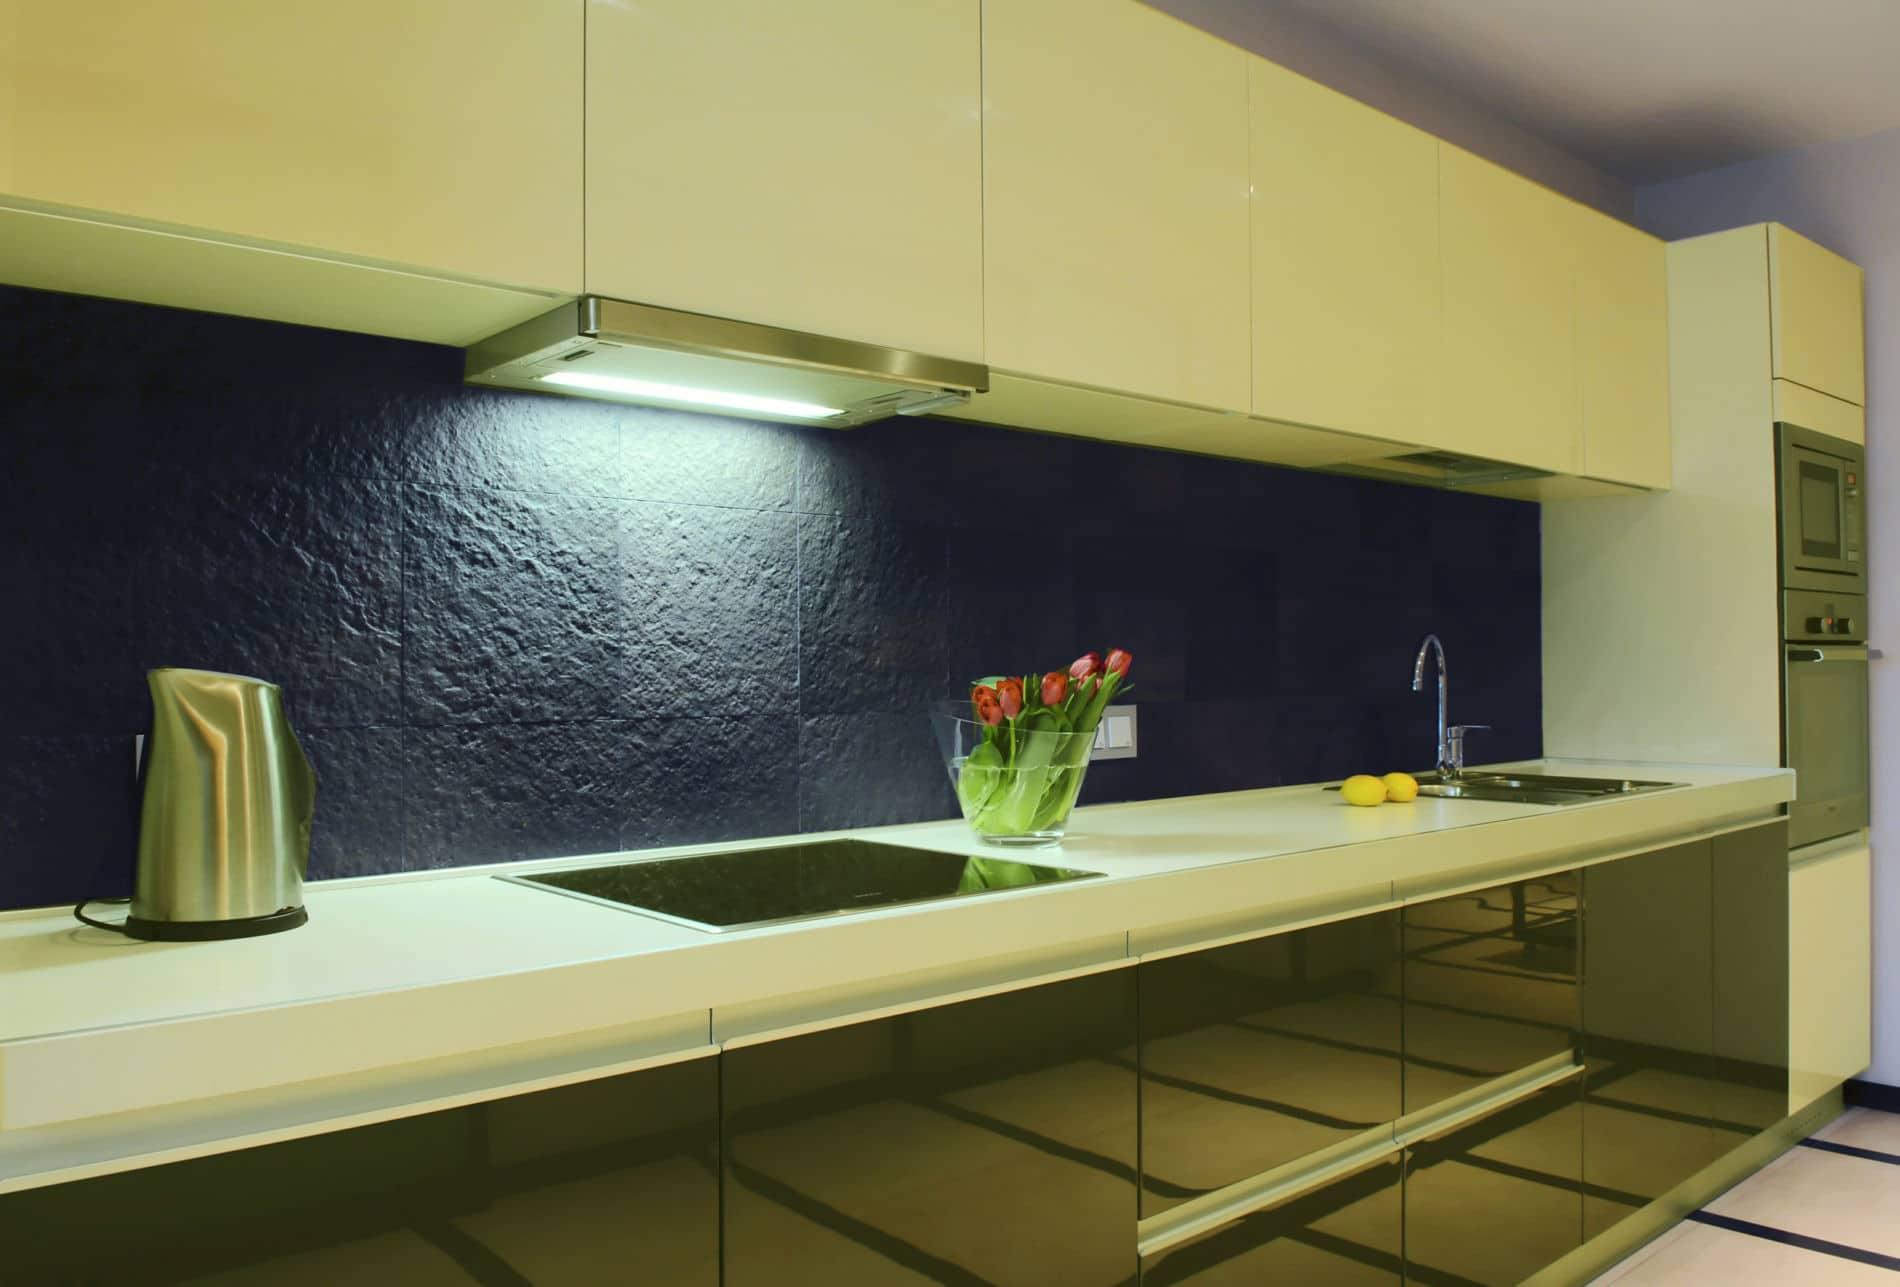 מטבחים מעץ מוכרי המטבחים אמינים עם נכונות לתת שירות מקצועי שיודעים לספק כל סוגי המטבחים לכל דורש תוך כדי חיבור הכיריים החשמליים ובדיקת תקינותם